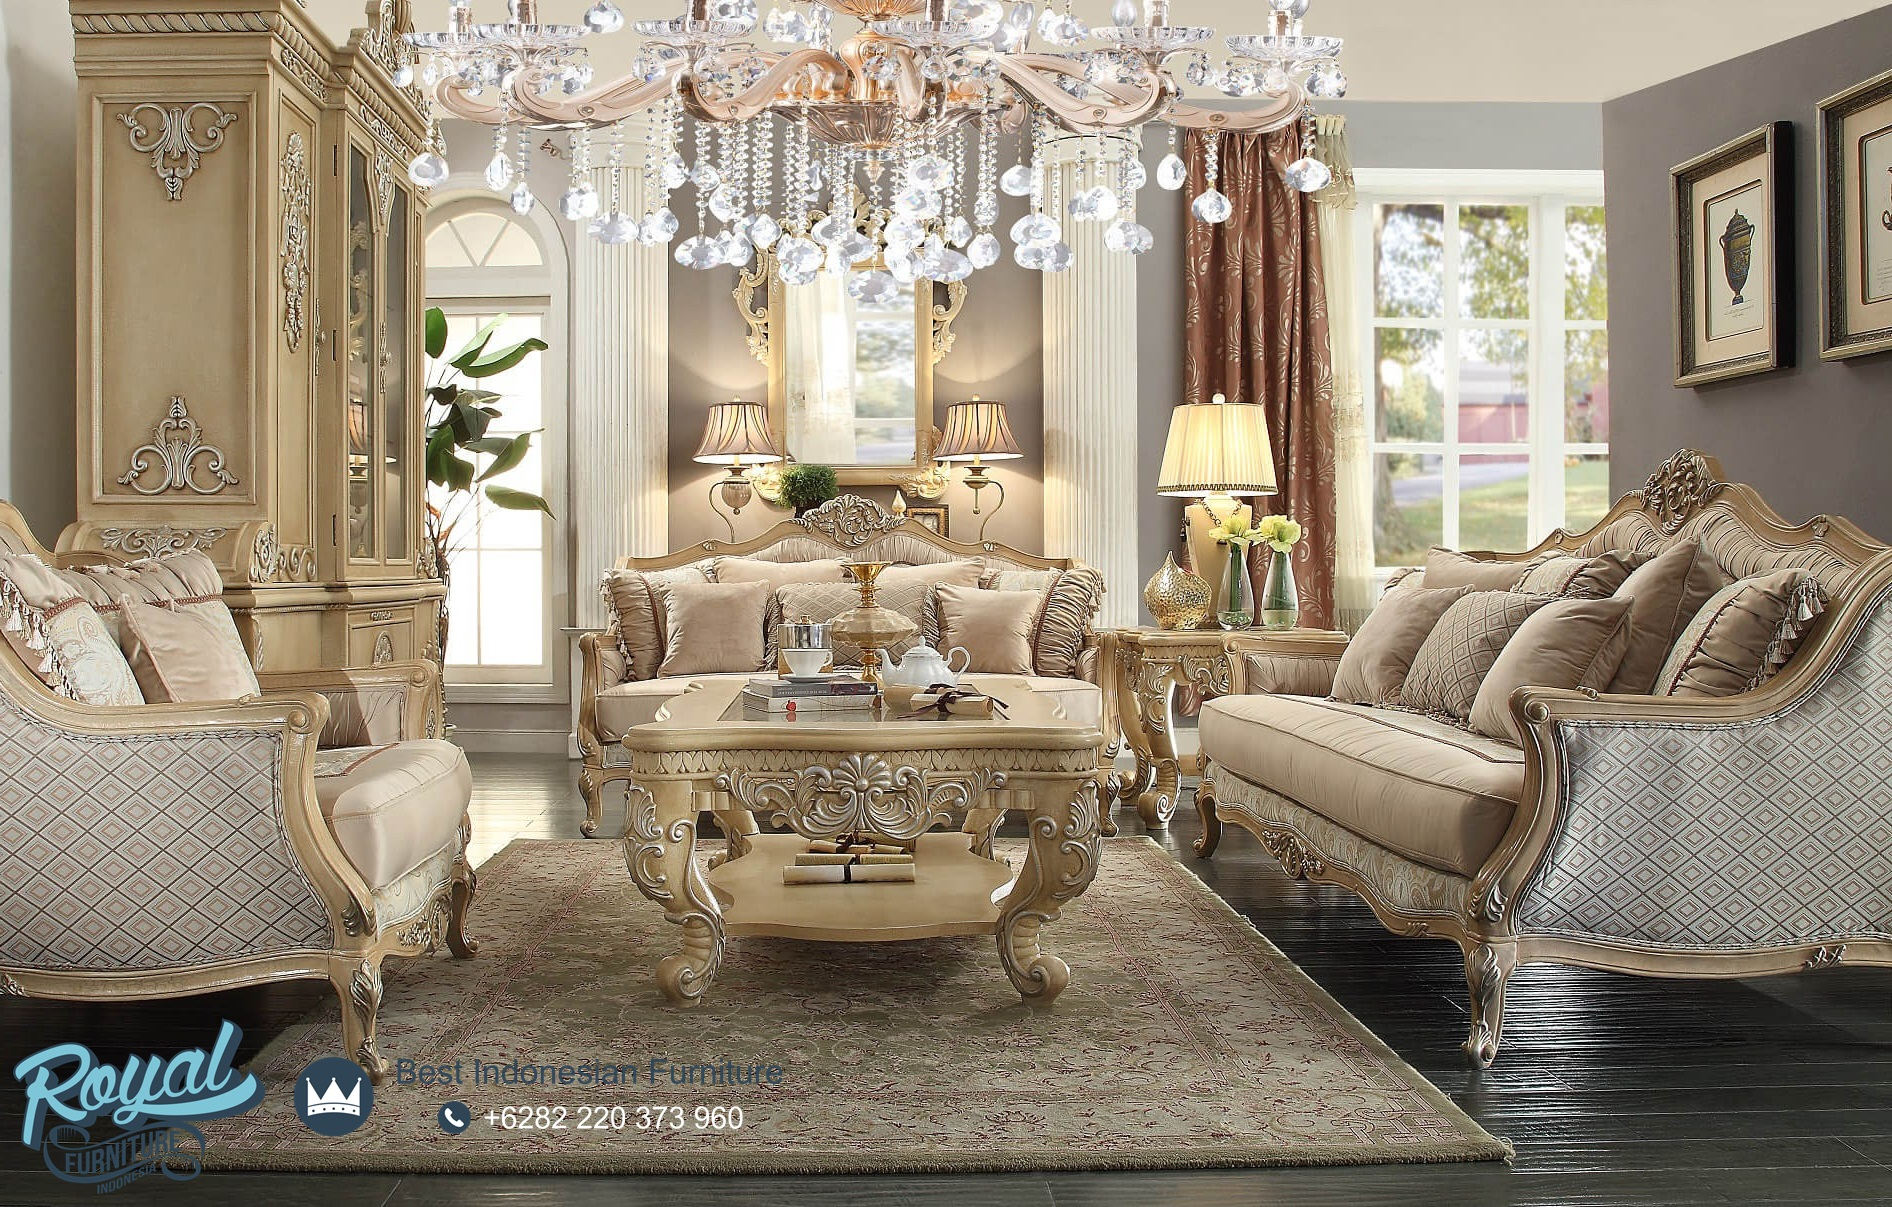 Kursi Sofa Tamu Set Klasik Mewah Mebel Jepara Terbaru Homey Design, 1 Set Sofa Tamu, Furniture Jepara, Gambar Mebel Jepara, Gambar Sofa Ruang Tamu Terbaru, Harga Kursi Ruang Tamu Mewah, Harga Sofa Tamu Jepara, Jual Furniture Sofa Tamu, Kursi Klasik Mewah, Kursi Sofa Tamu Jepara Mewah Klasik Royal, Kursi Sofa Tamu Mewah Klasik Ukiran Jepara, Kursi Tamu Jepara, Kursi Tamu Mewah, Mebel Jepara, Model Sofa Mewah Terbaru, Royal Furniture, Set Sofa Tamu Klasik, Sofa Jati Mewah, Sofa Jati Minimalis, Sofa Jepara Minimalis, Sofa Jepara Modern, Sofa Jepara Terbaru, Sofa Klasik Mewah, Sofa Tamu Klasik, Sofa Tamu Mewah